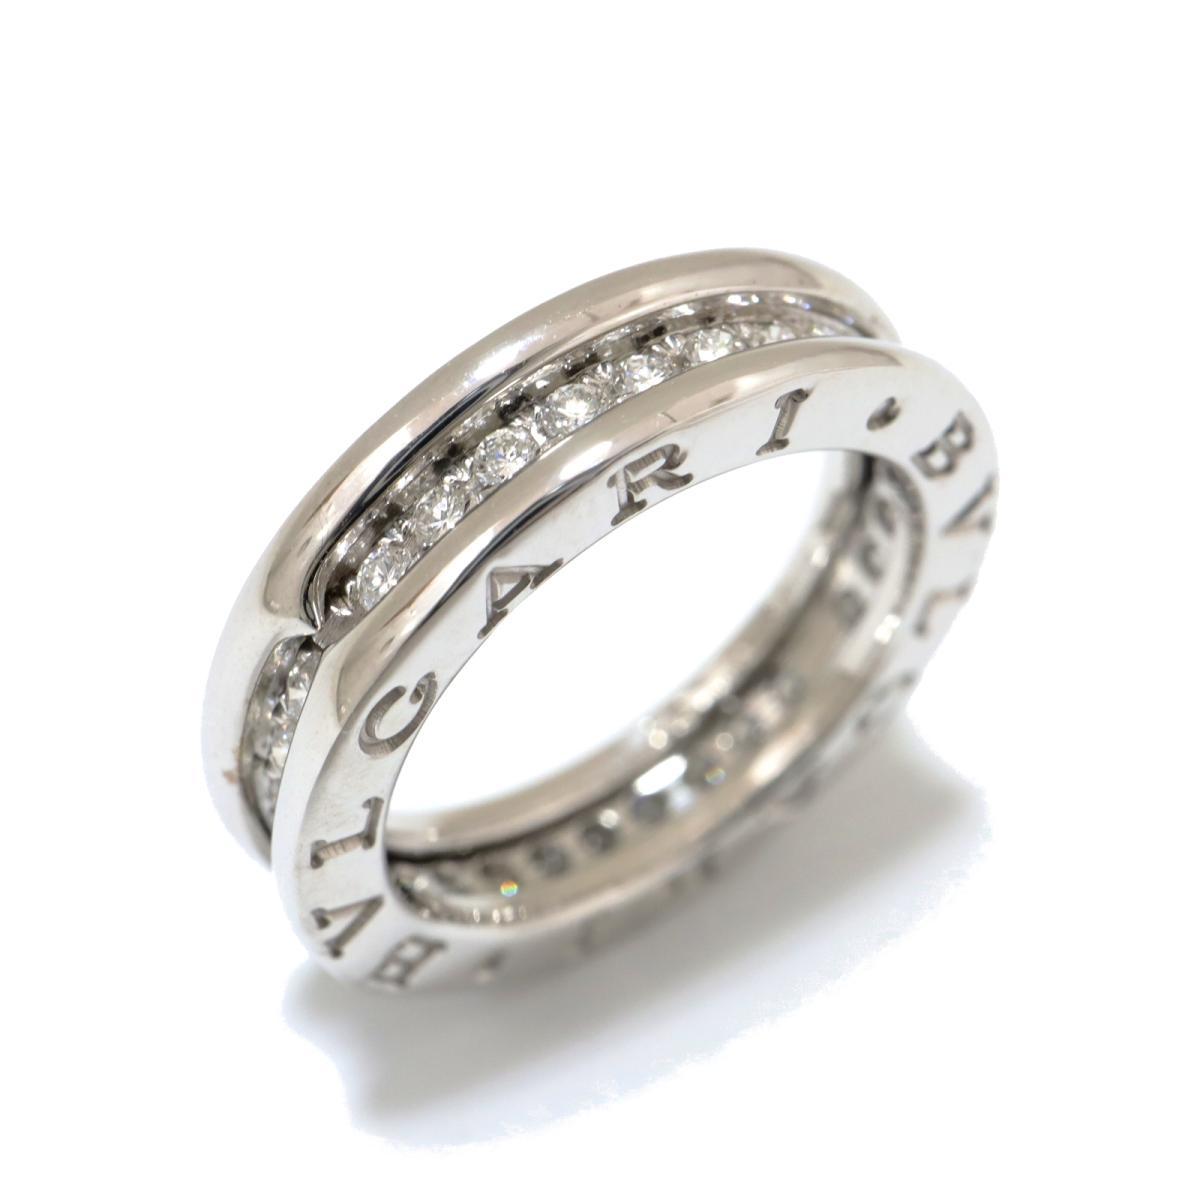 【中古】 ブルガリ B-zero1 リング x S フルダイヤ 指輪 レディース K18WG (750) ホワイトゴールド ダイヤモンド クリアー シルバー | BVLGARI BRANDOFF ブランドオフ ブランド ジュエリー アクセサリー